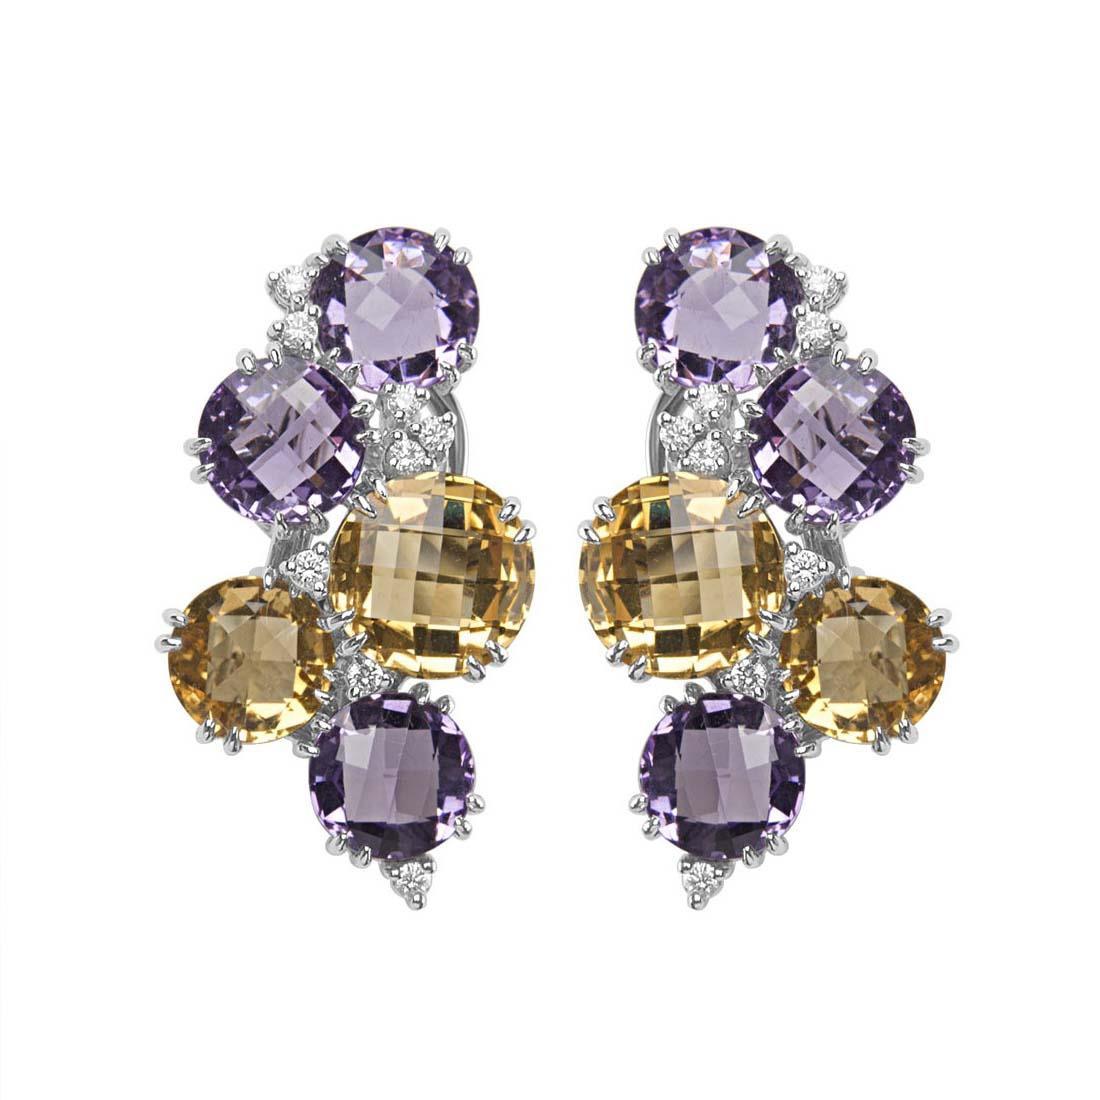 Orecchini in oro bianco con diamanti e pietre semipreziose viola e gialle - ORO&CO